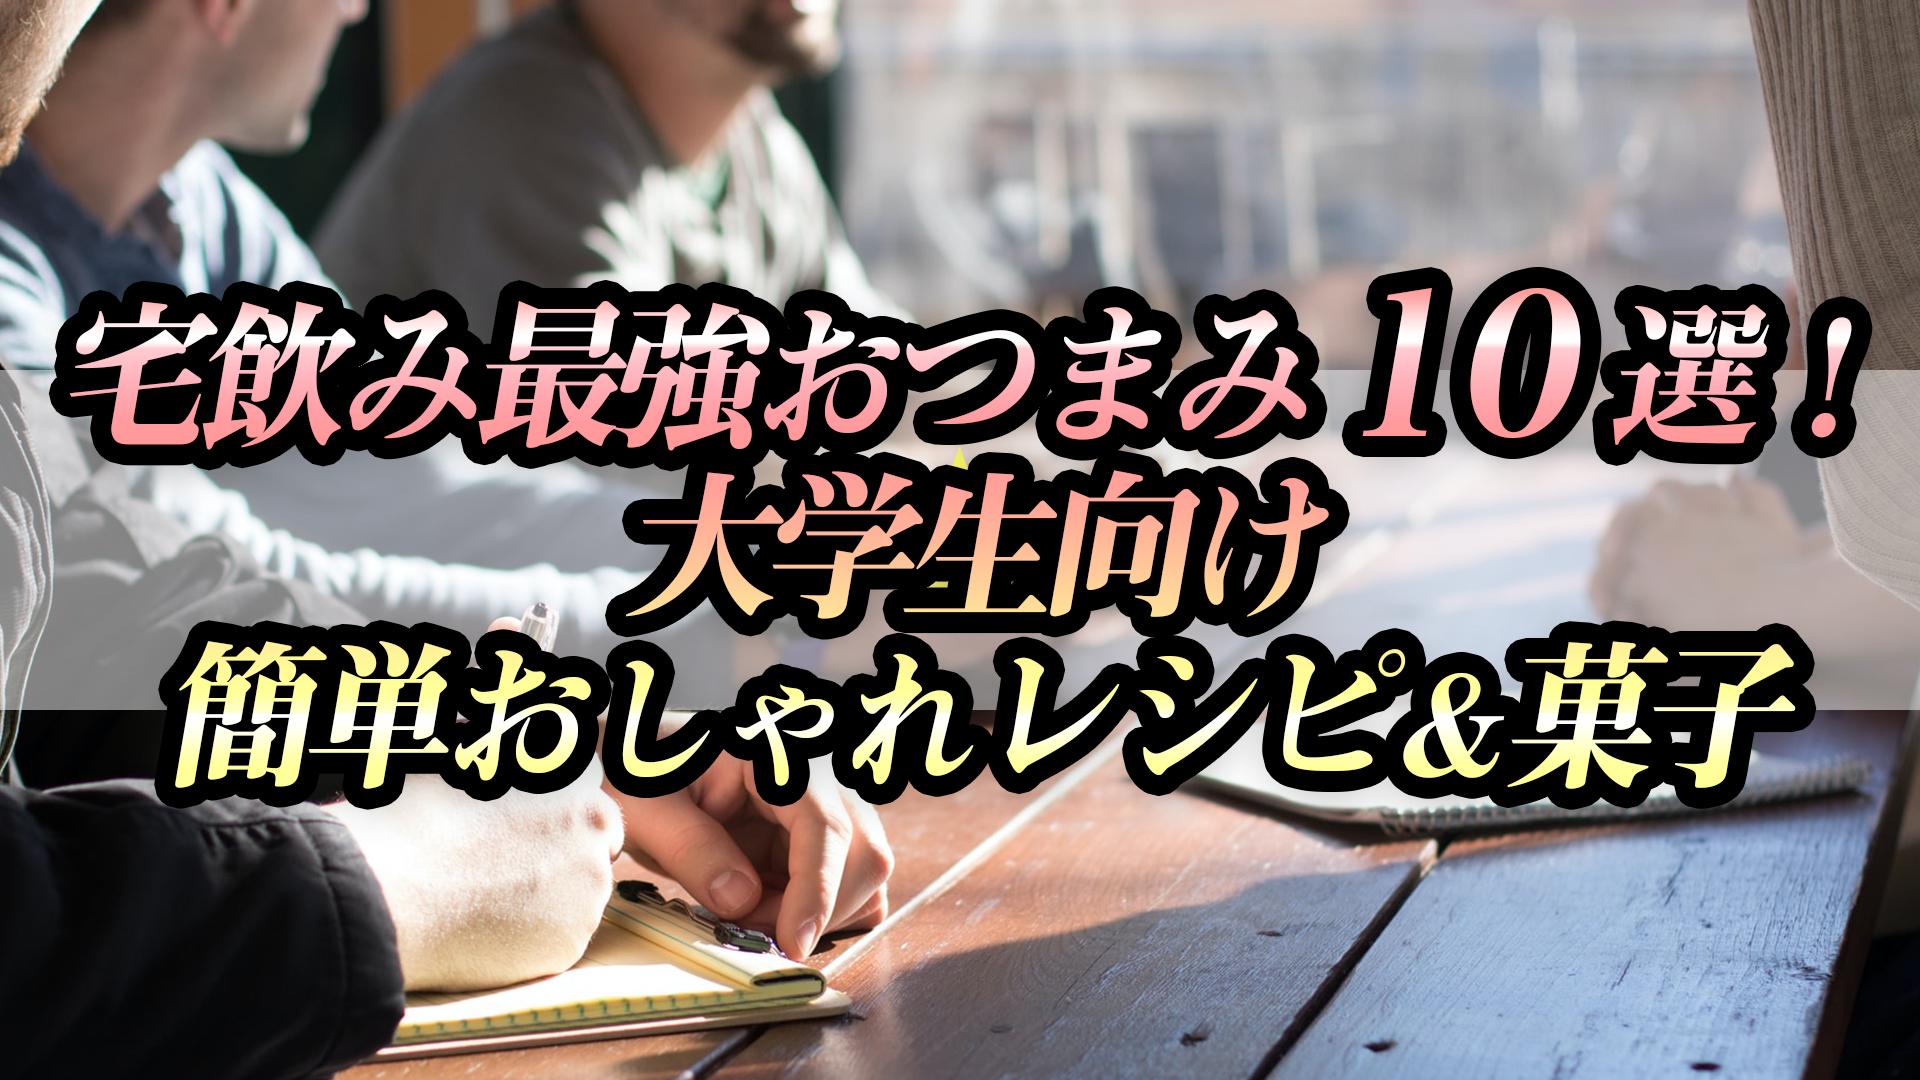 宅飲み最強おつまみ10選!大学生向け簡単おしゃれレシピ&菓子